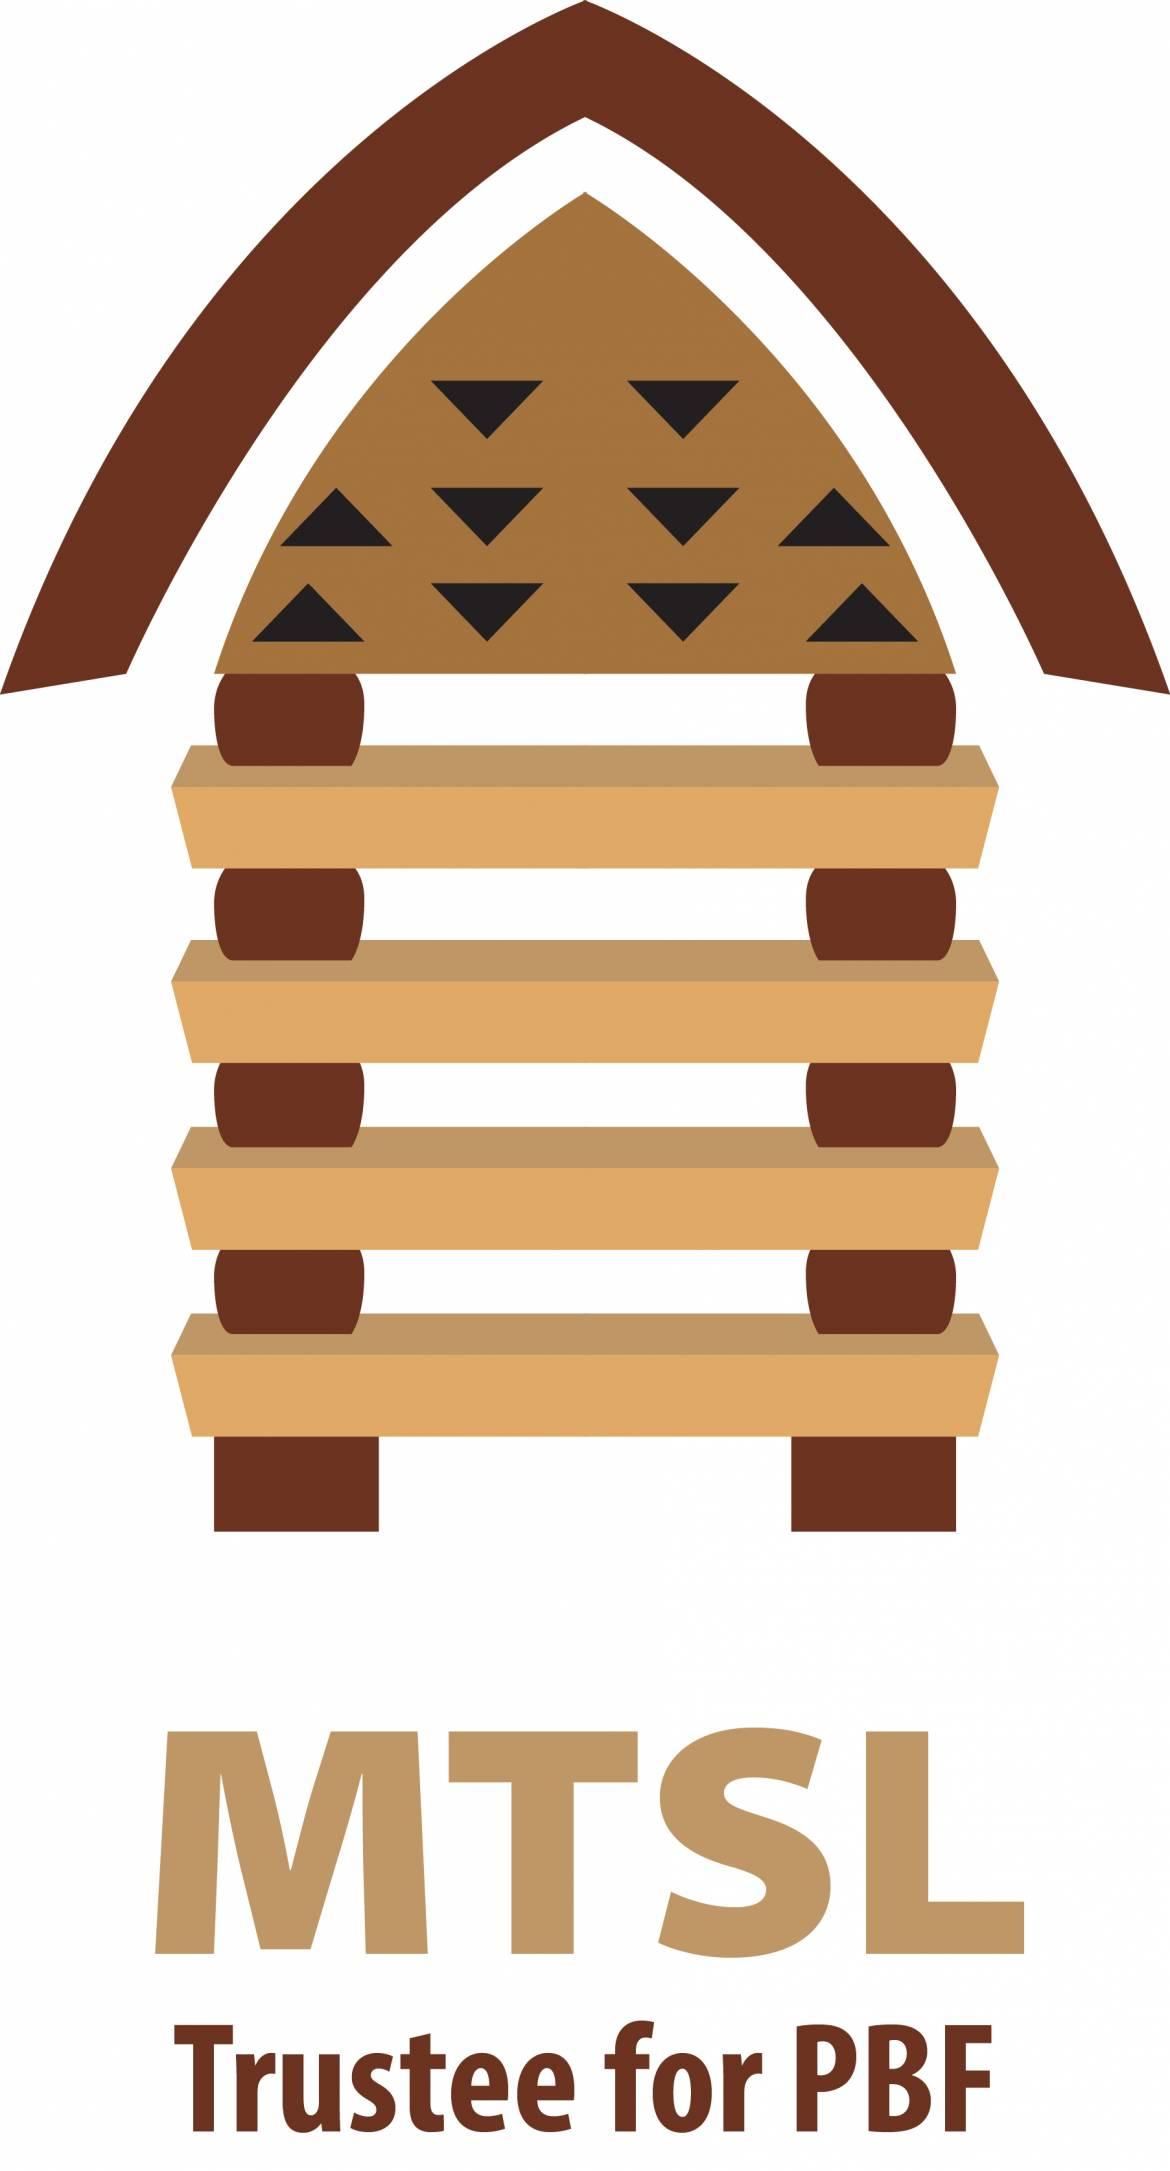 MTSL-logo-highRes-1.jpg